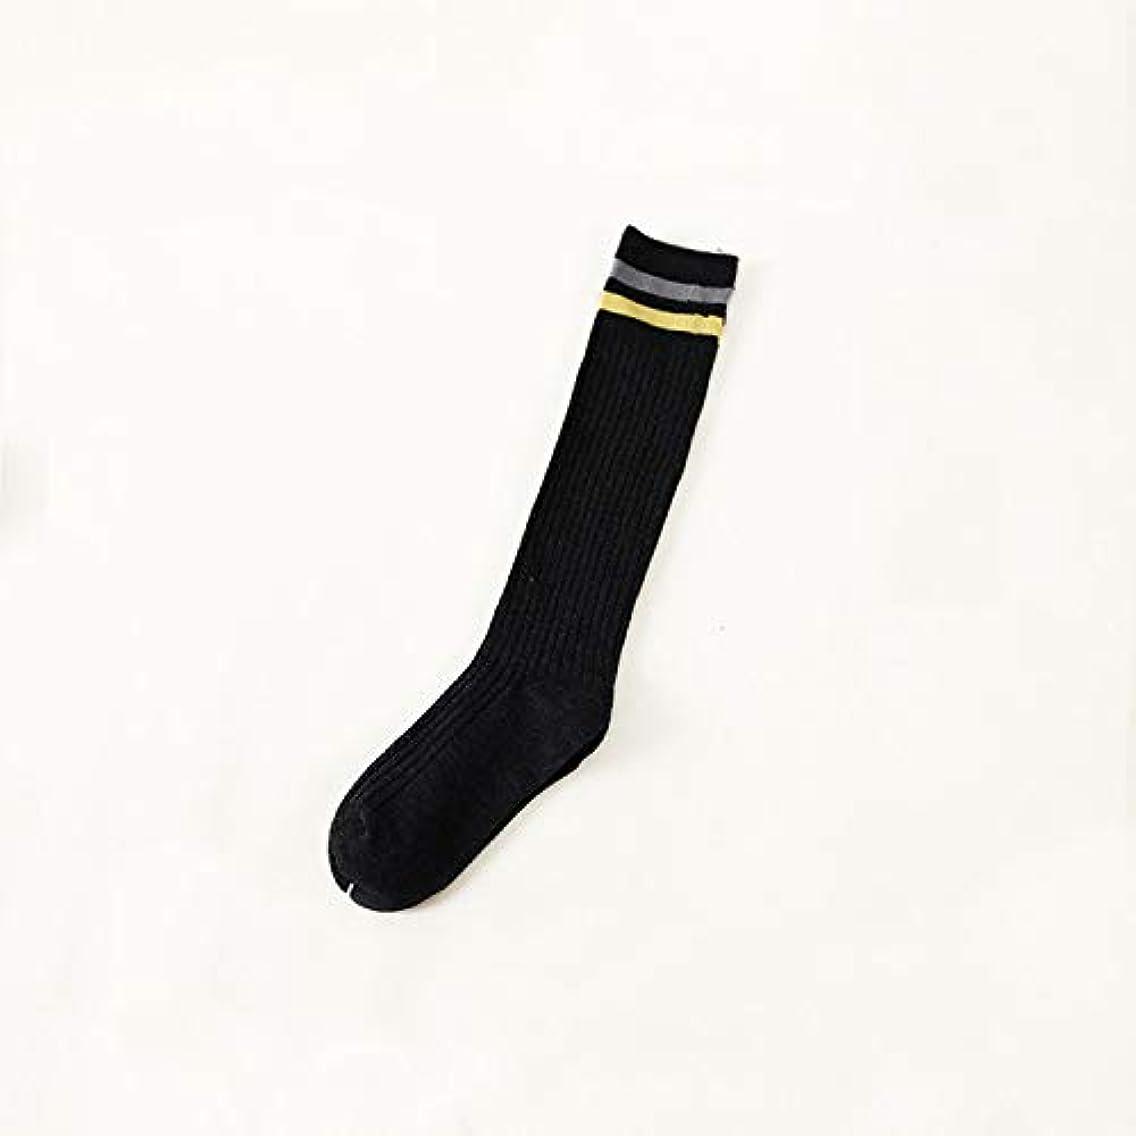 組バイオリニスト許可ニーソックスの女性は薄い綿の平行棒の学生の膝がソックス秋と冬の大学風のふくらはぎの靴下を積み重ねた